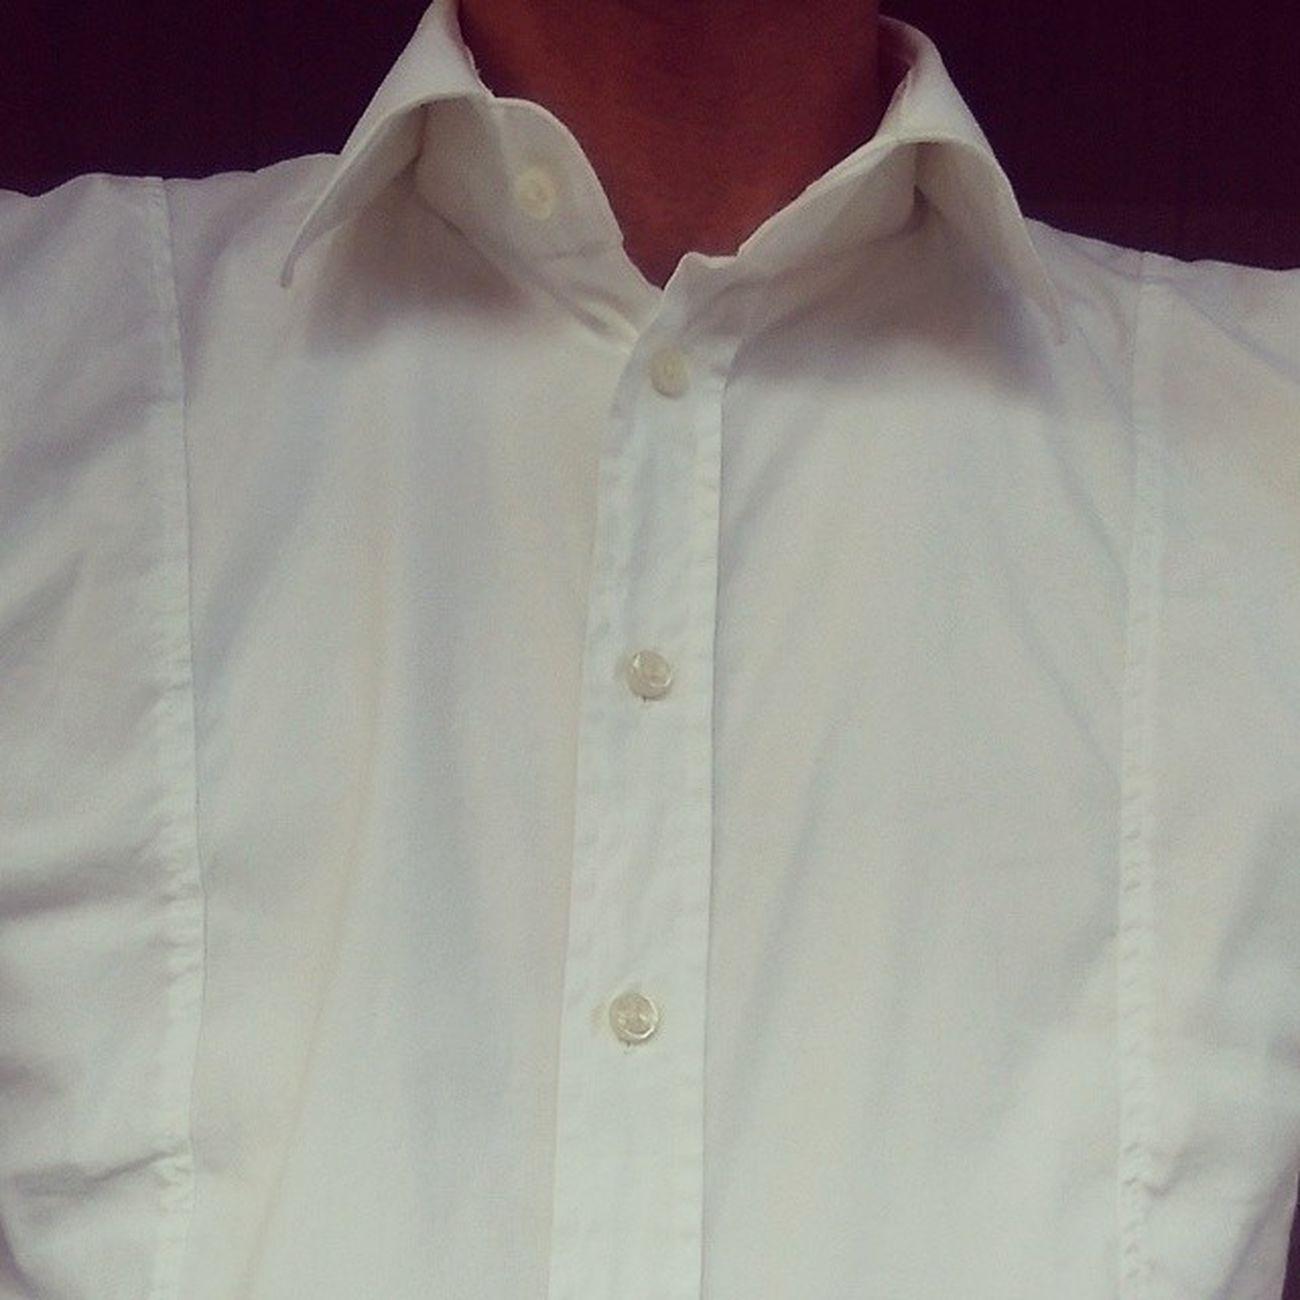 Office Shirt of the Day und für heute Abend: Das einzig wahre @StrenesseOfficial Jogi Shirt von seinerzeit. GERALG Ger AneurerSeite